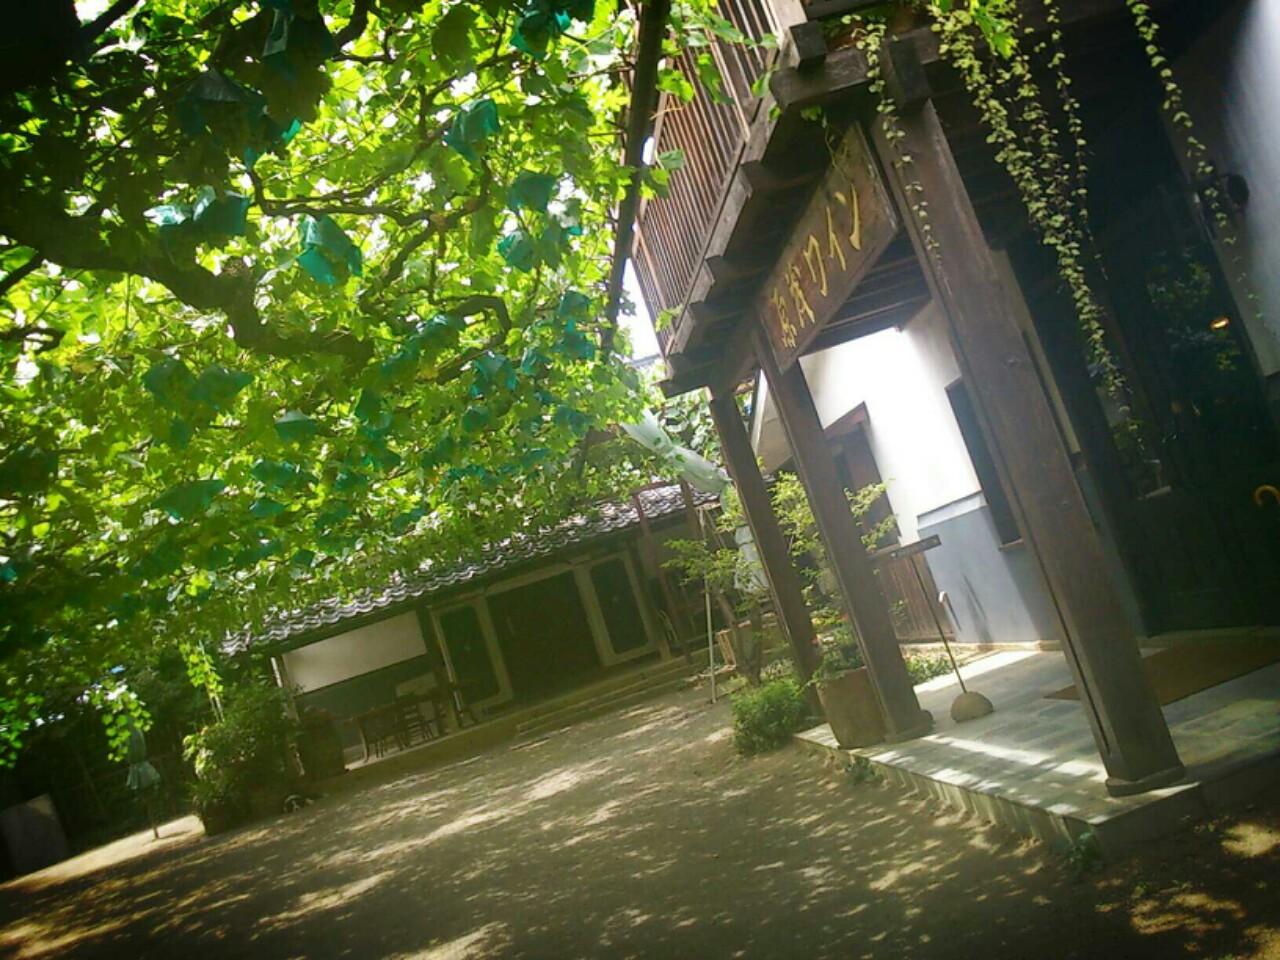 甲府市内のワイナリー巡りがおすすめ!工場見学や試飲も楽しめる!